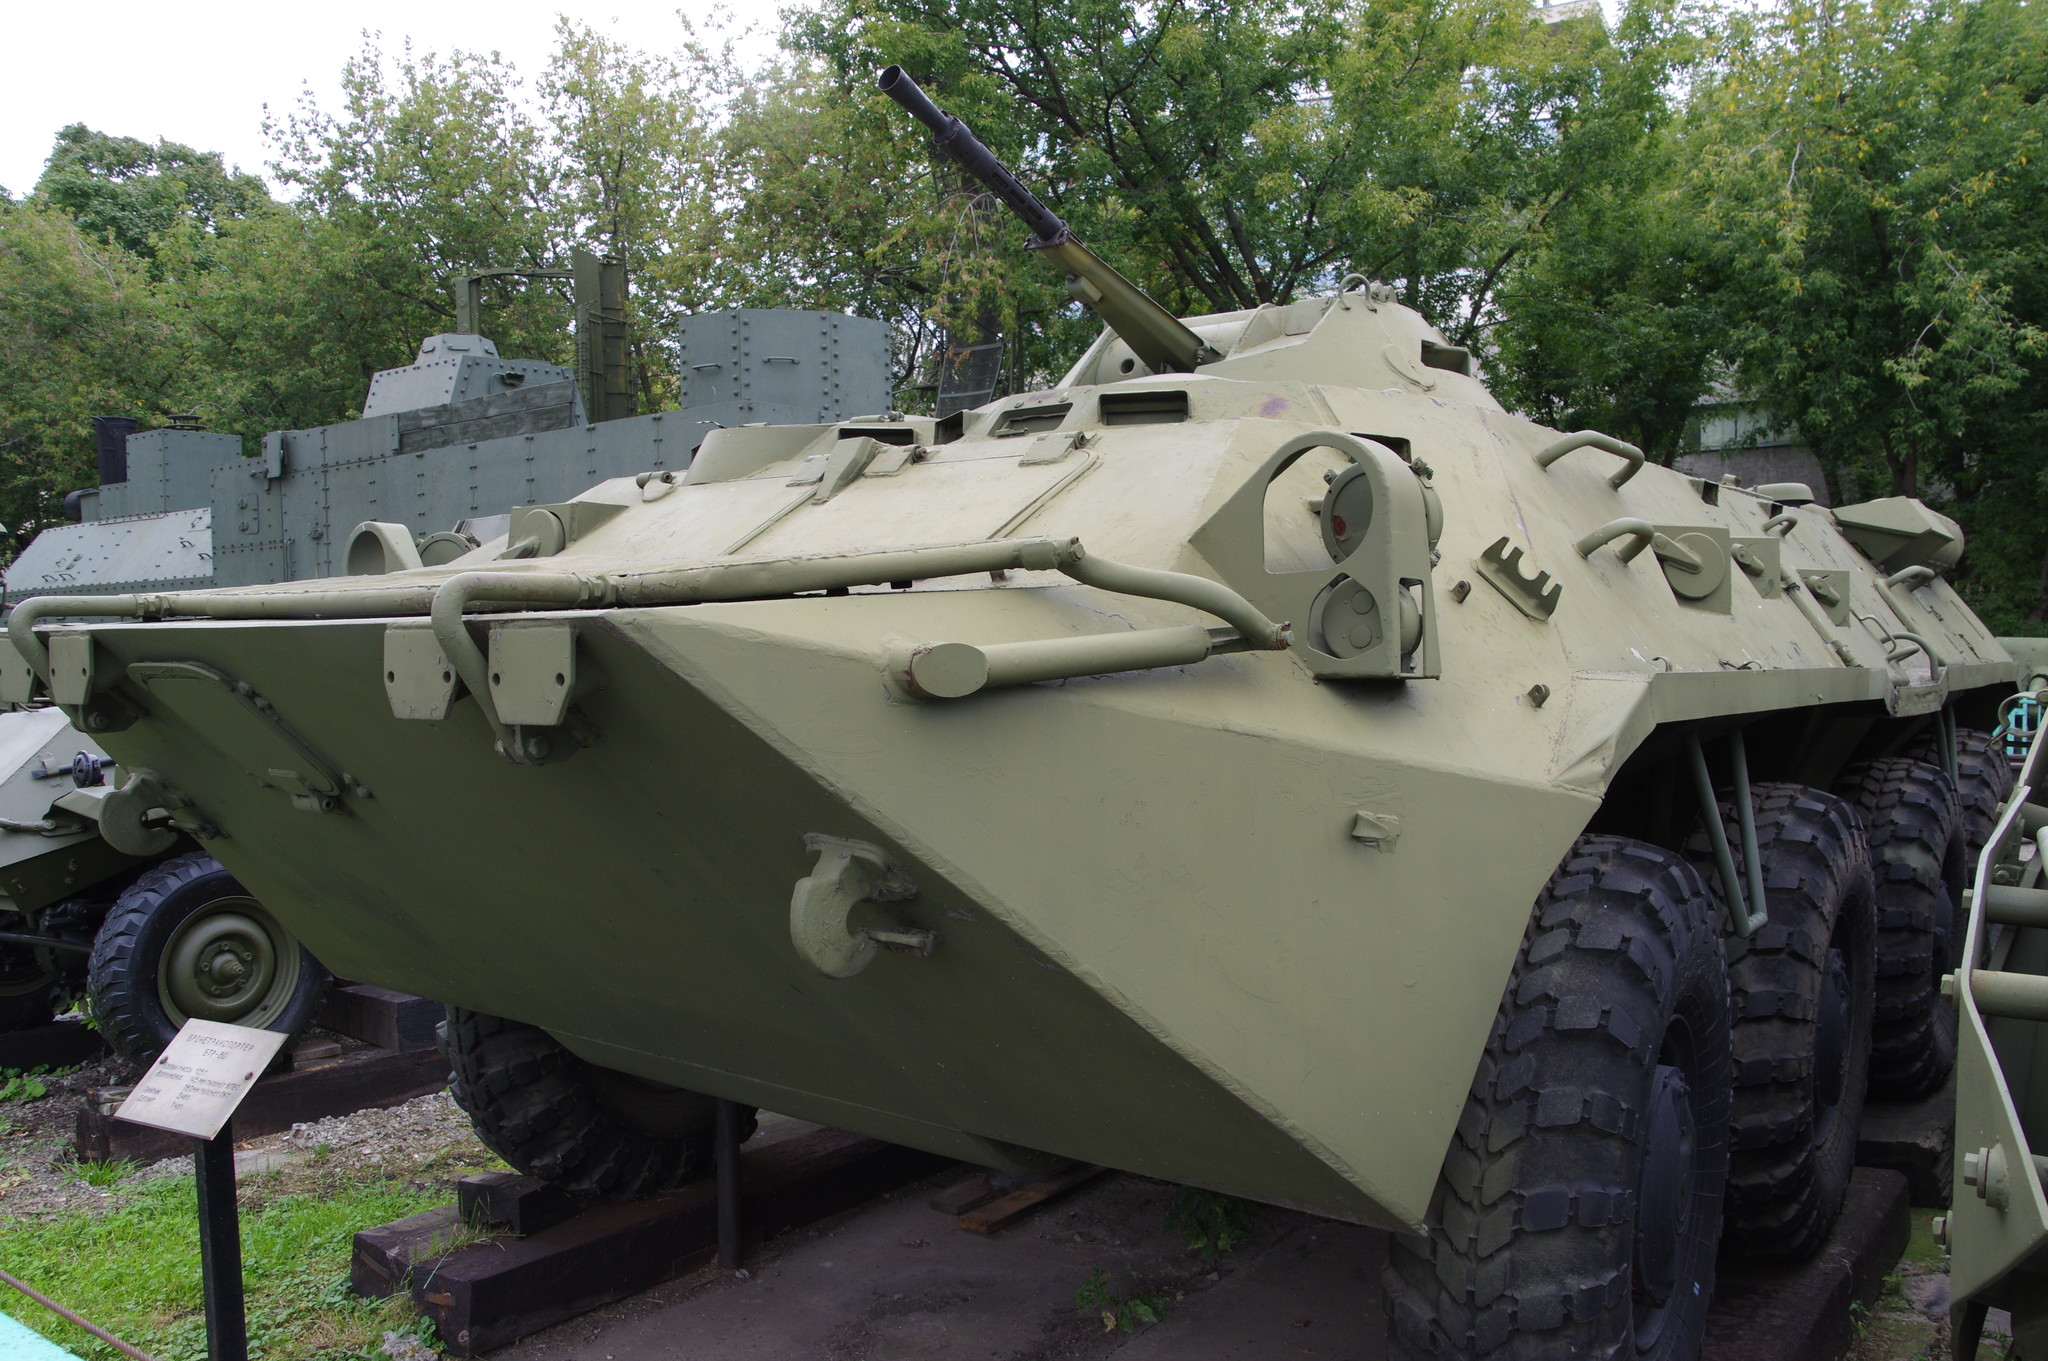 Бронетранспортёр БТР-80 в экспозиции Центрального музея Вооружённых сил Российской Федерации